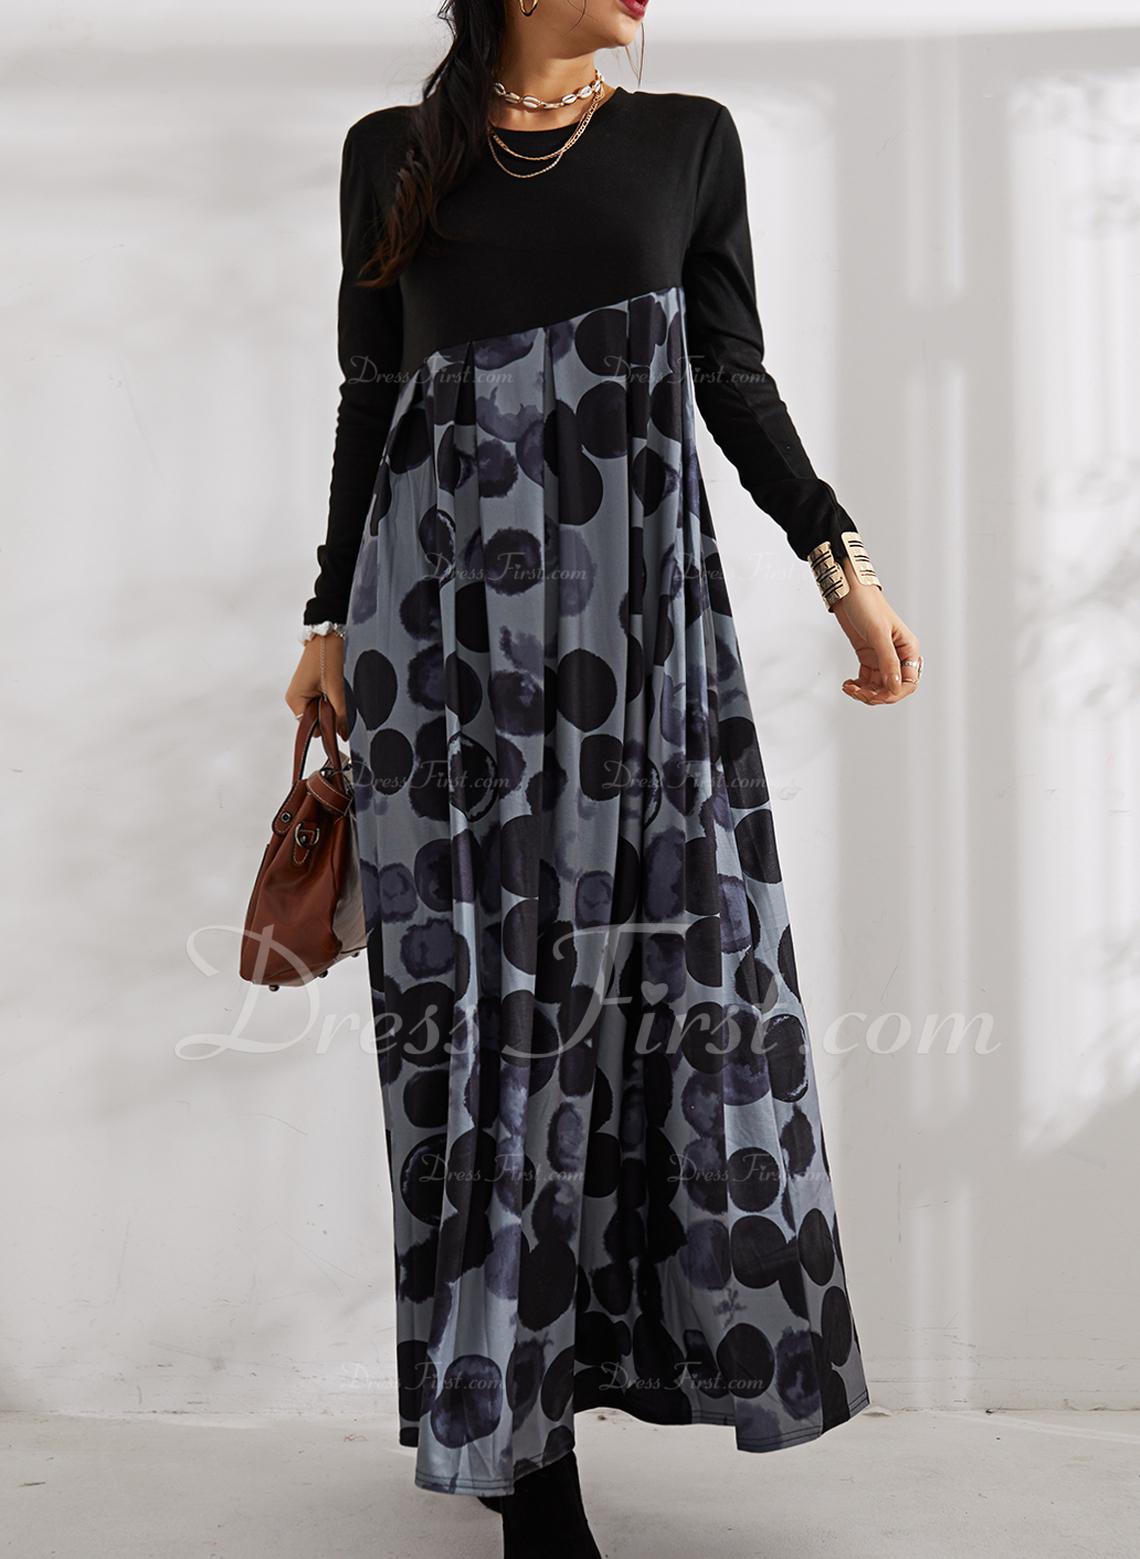 Print A-linjeklänning Långa ärmar Maxi Fritids skater Modeklänningar